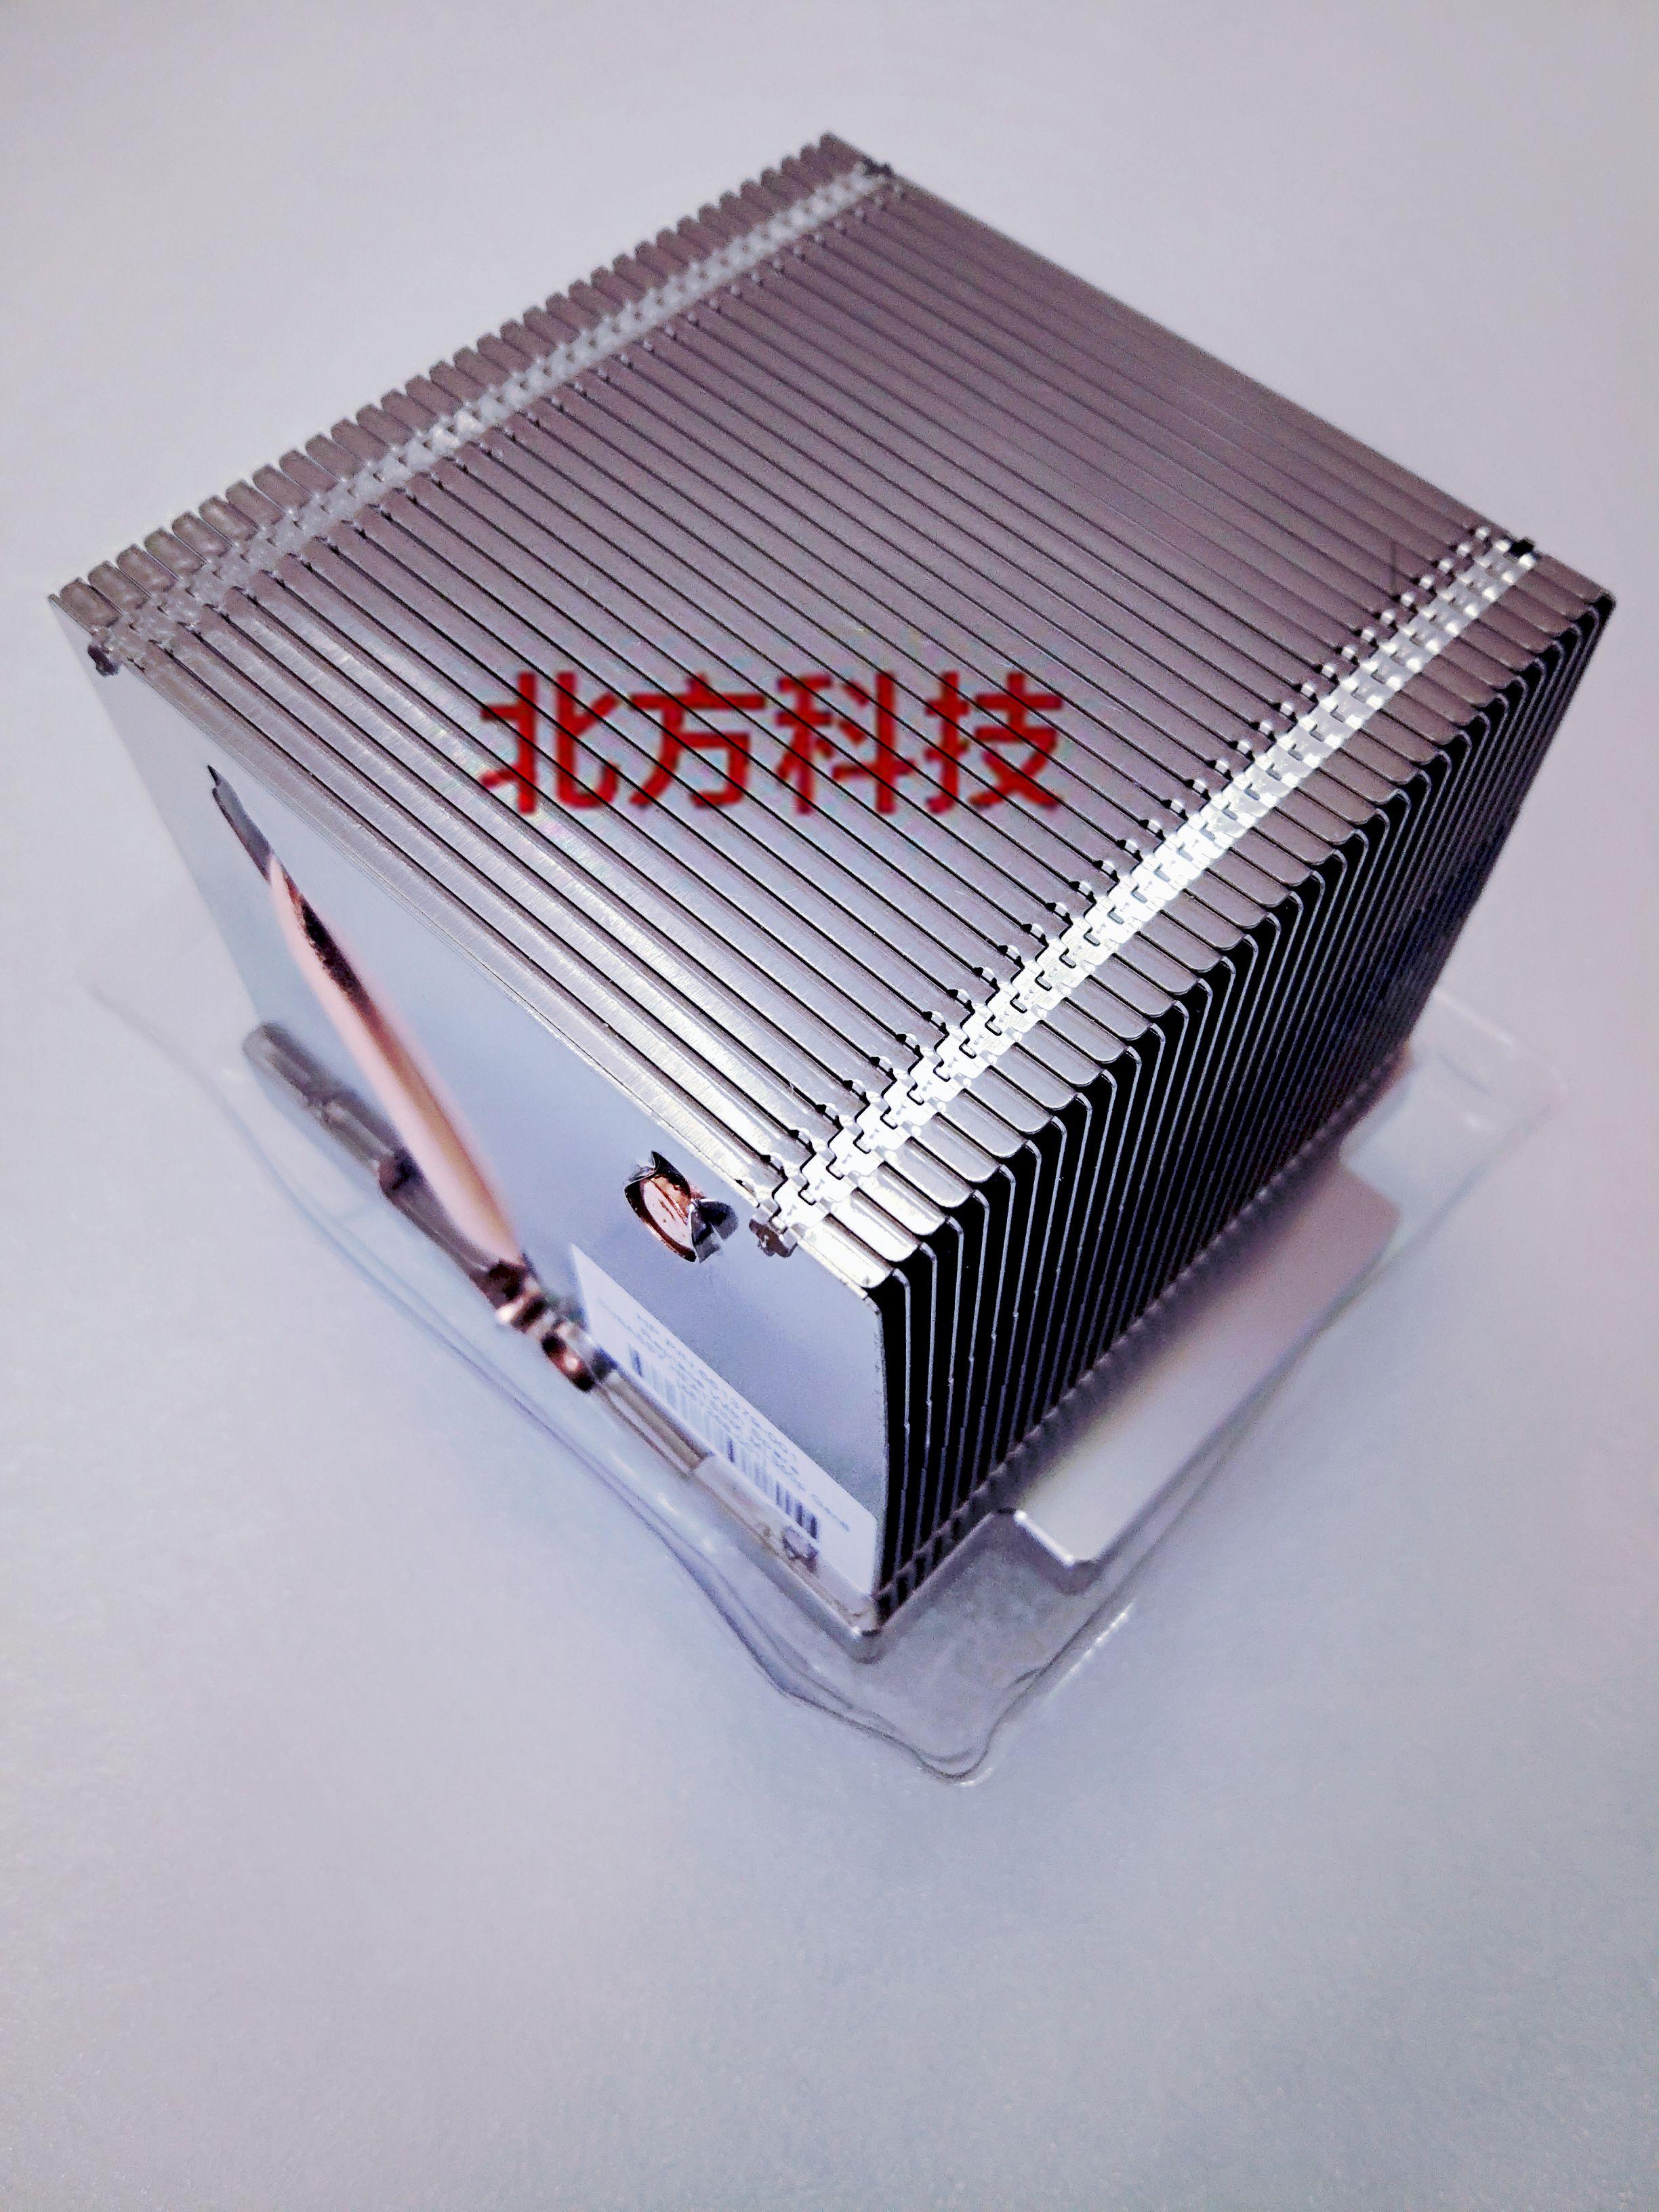 brand new FOR HP ML350P GEN8 G8 Server heat sink 667268-001 661379-001 brand new for hp z820 z840 server heat sink workstation 749598 001 cooling fan 647113 001